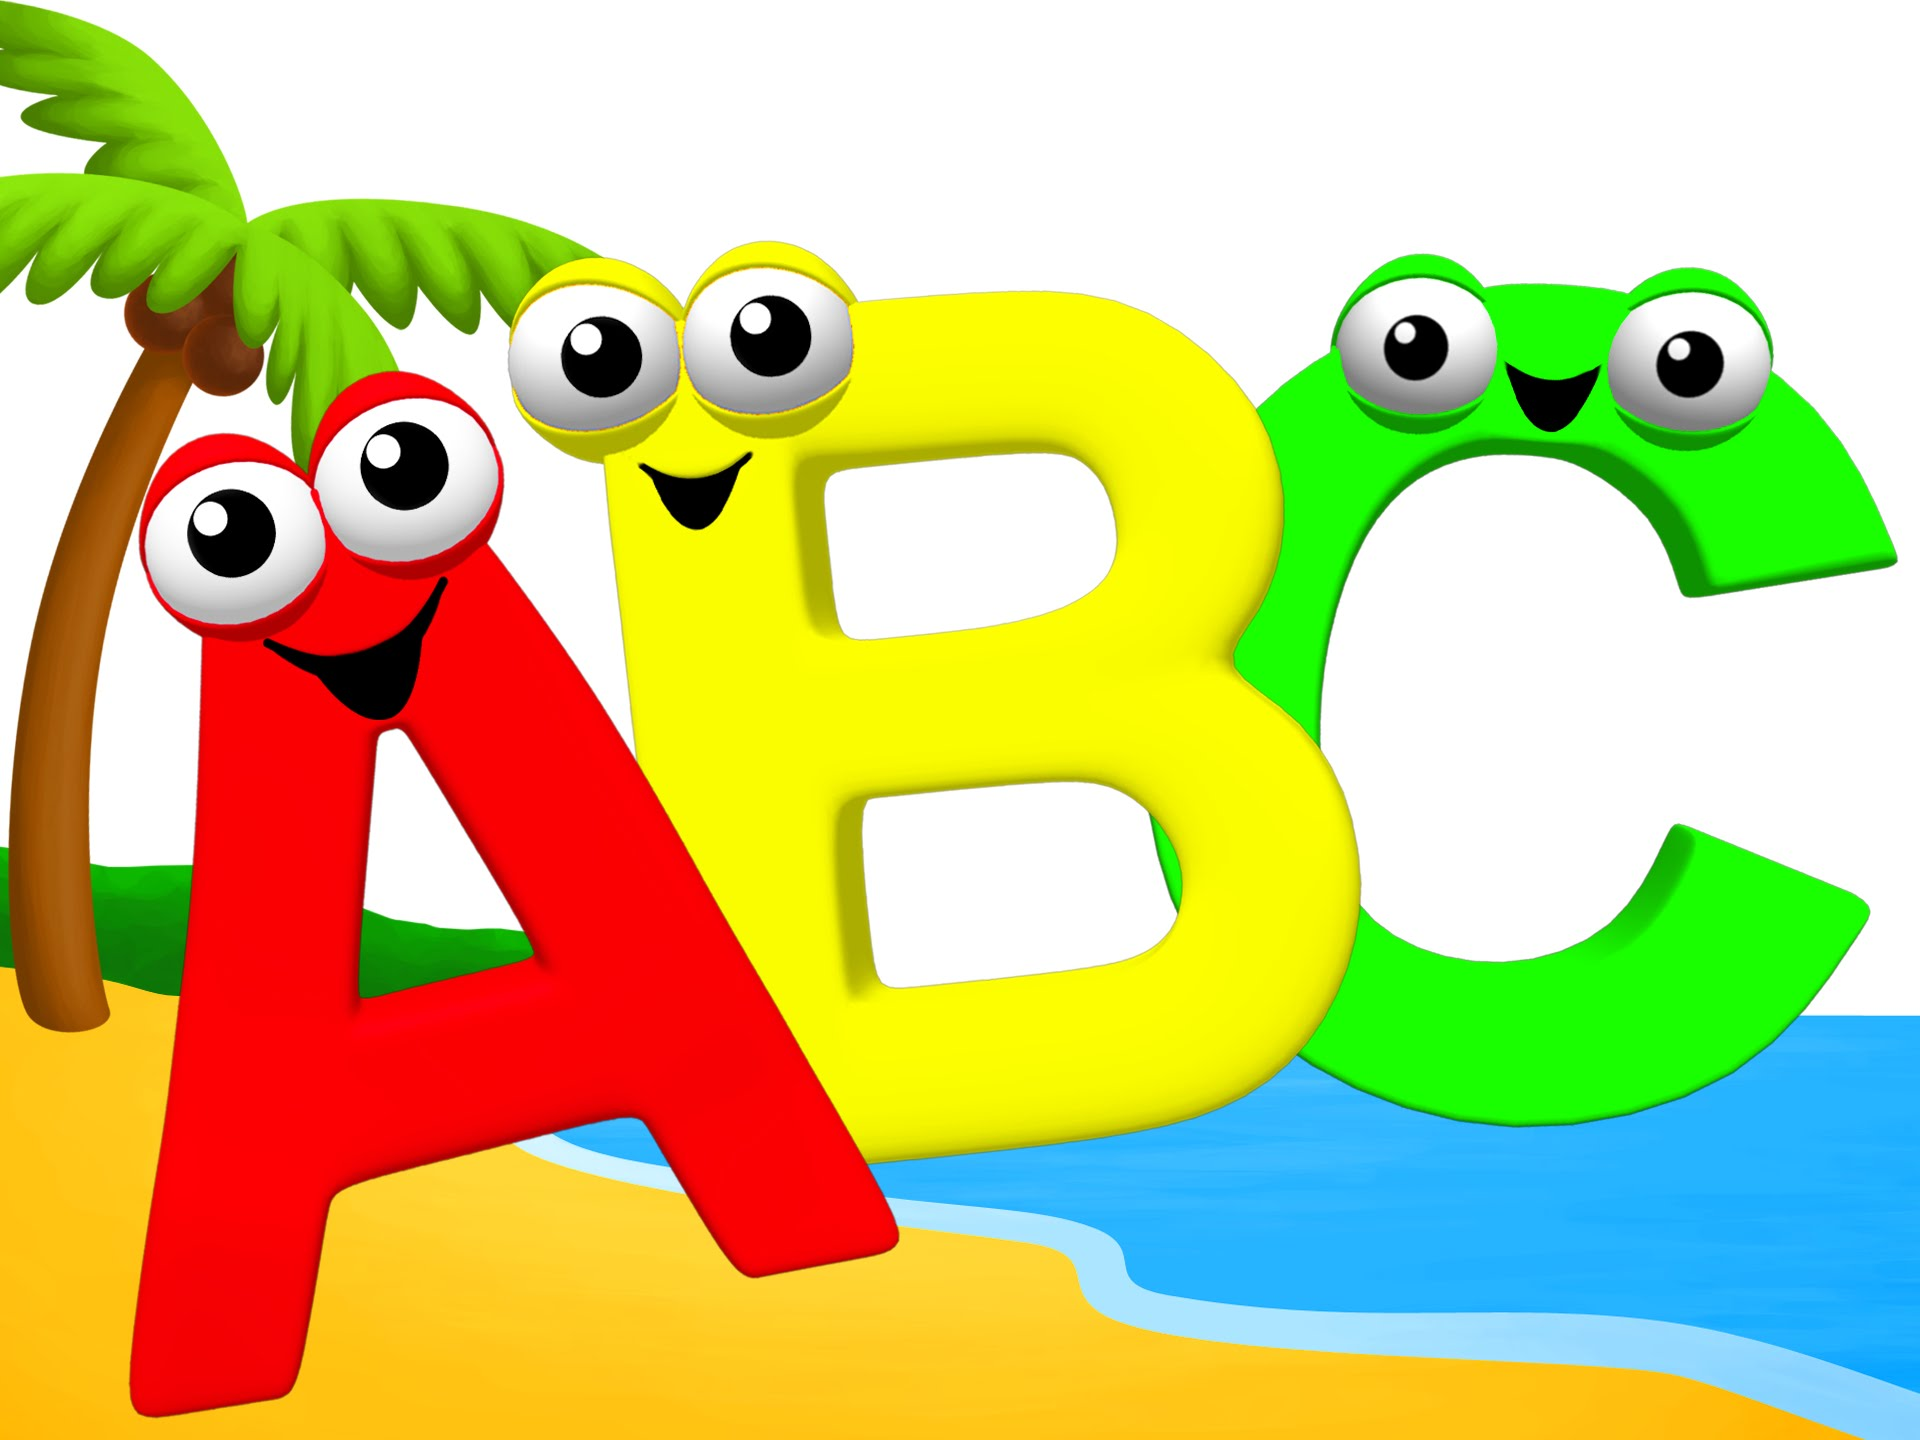 3d alphabet letters clipart picture freeuse download Alphabet Letter Pictures | Free download best Alphabet Letter ... picture freeuse download